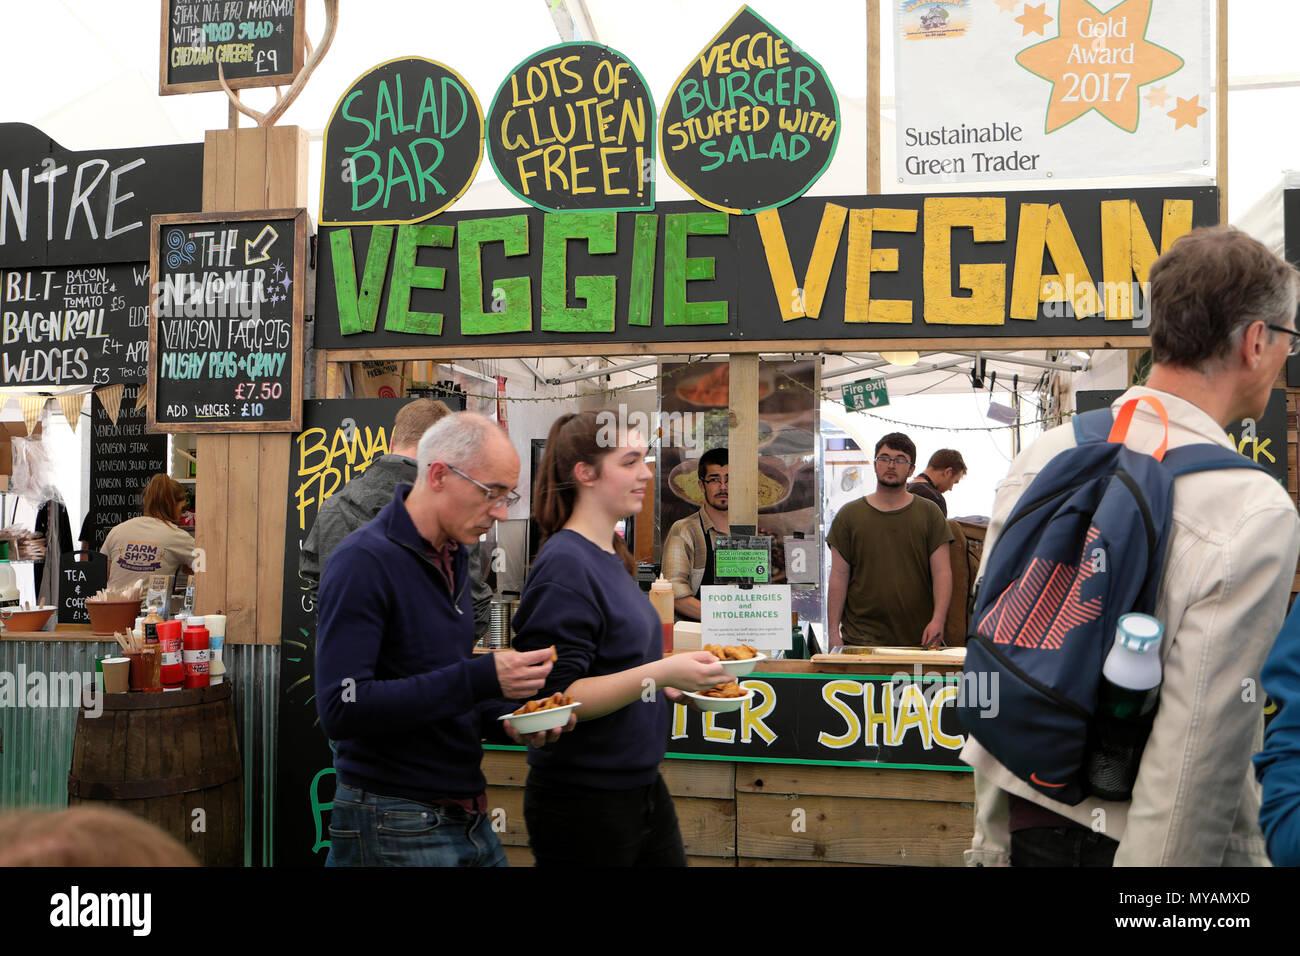 Vegetarier Vegan verzetteln Shack und Personen außerhalb essen in der Hay Festival Food Hall Abschaltdruck am Hay-on-Wye Wales UK KATHY DEWITT Stockbild